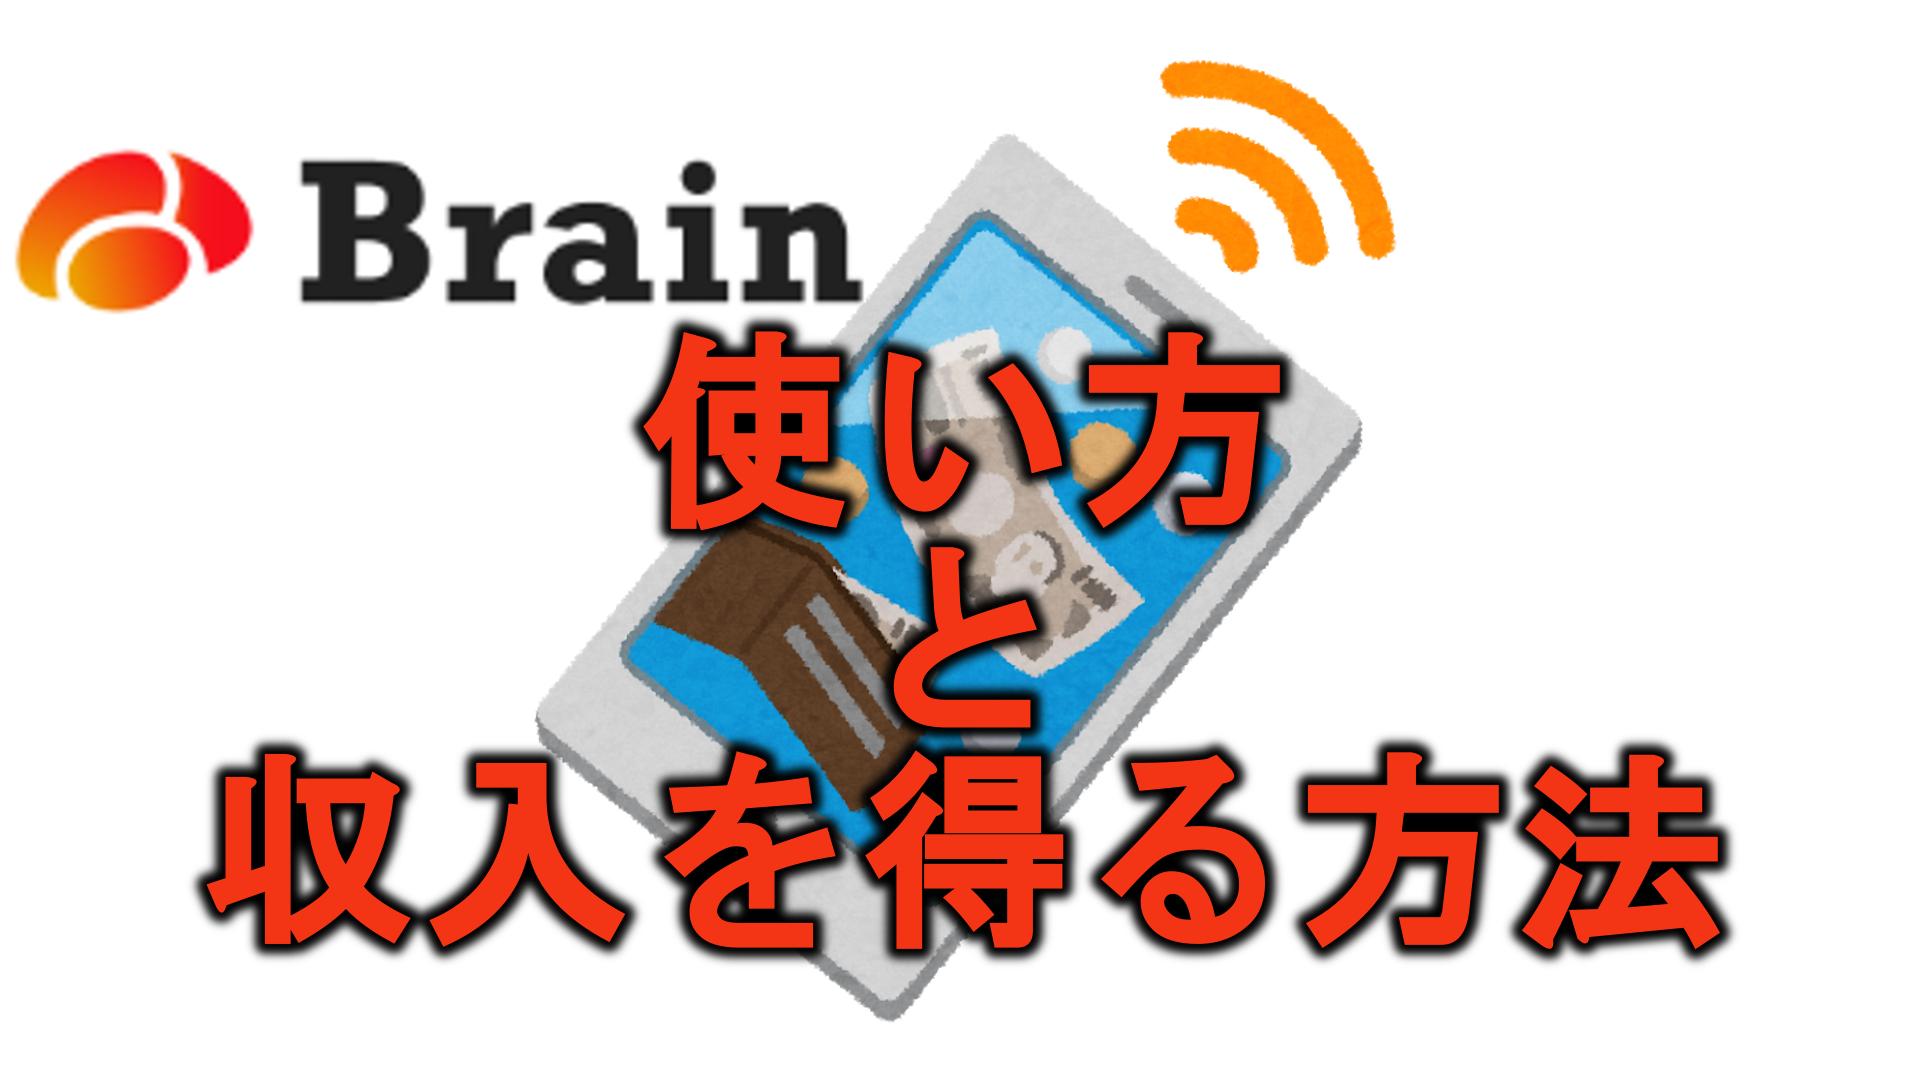 【初心者必見!】Brain/ブレインの収入を得る仕組み解説!おすすめ教材レビューあり♪